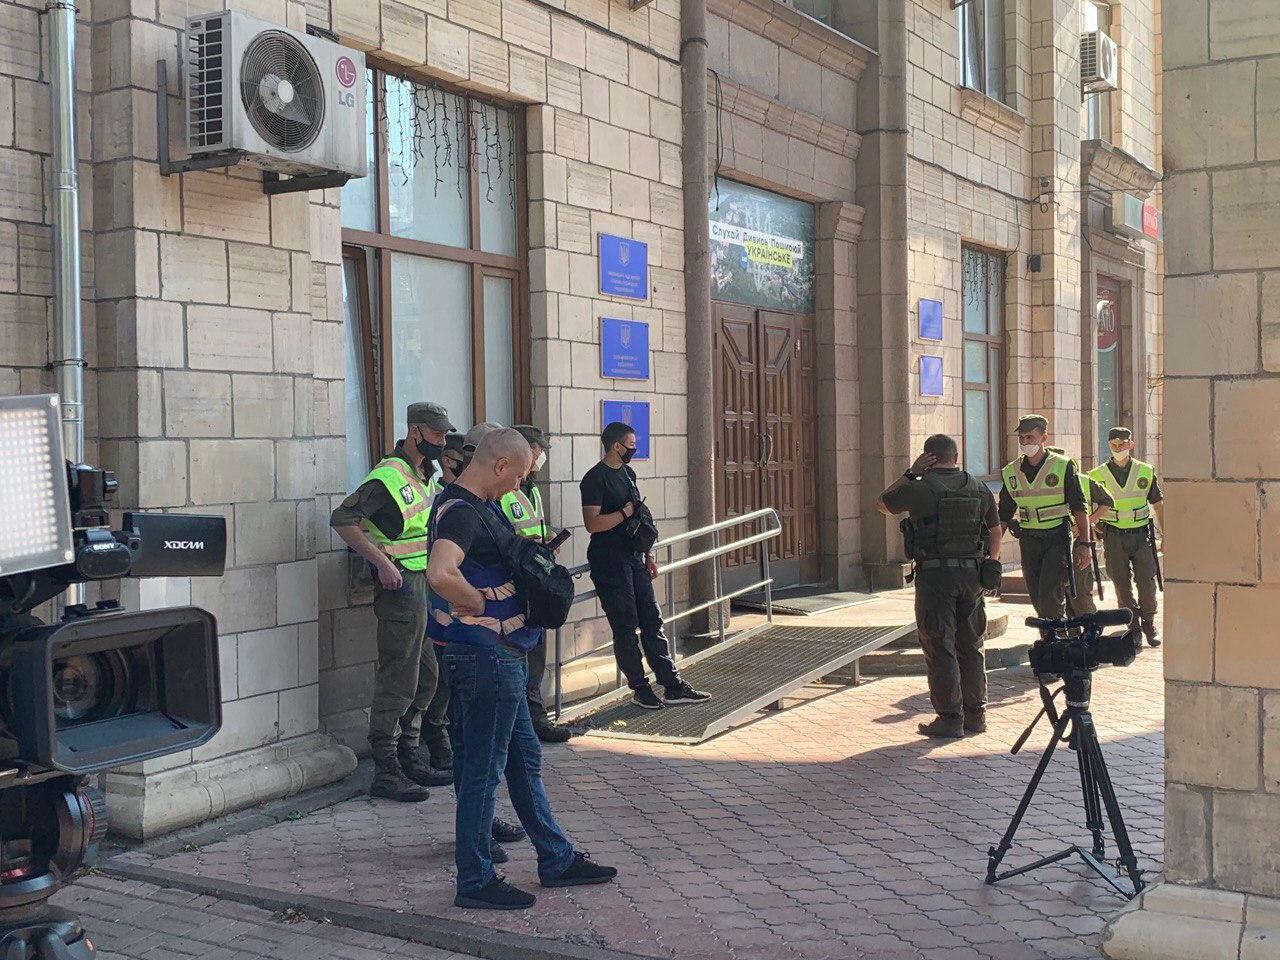 Вход в Нацсовет во время акции охраняла Нацгвардия и полиция диалога